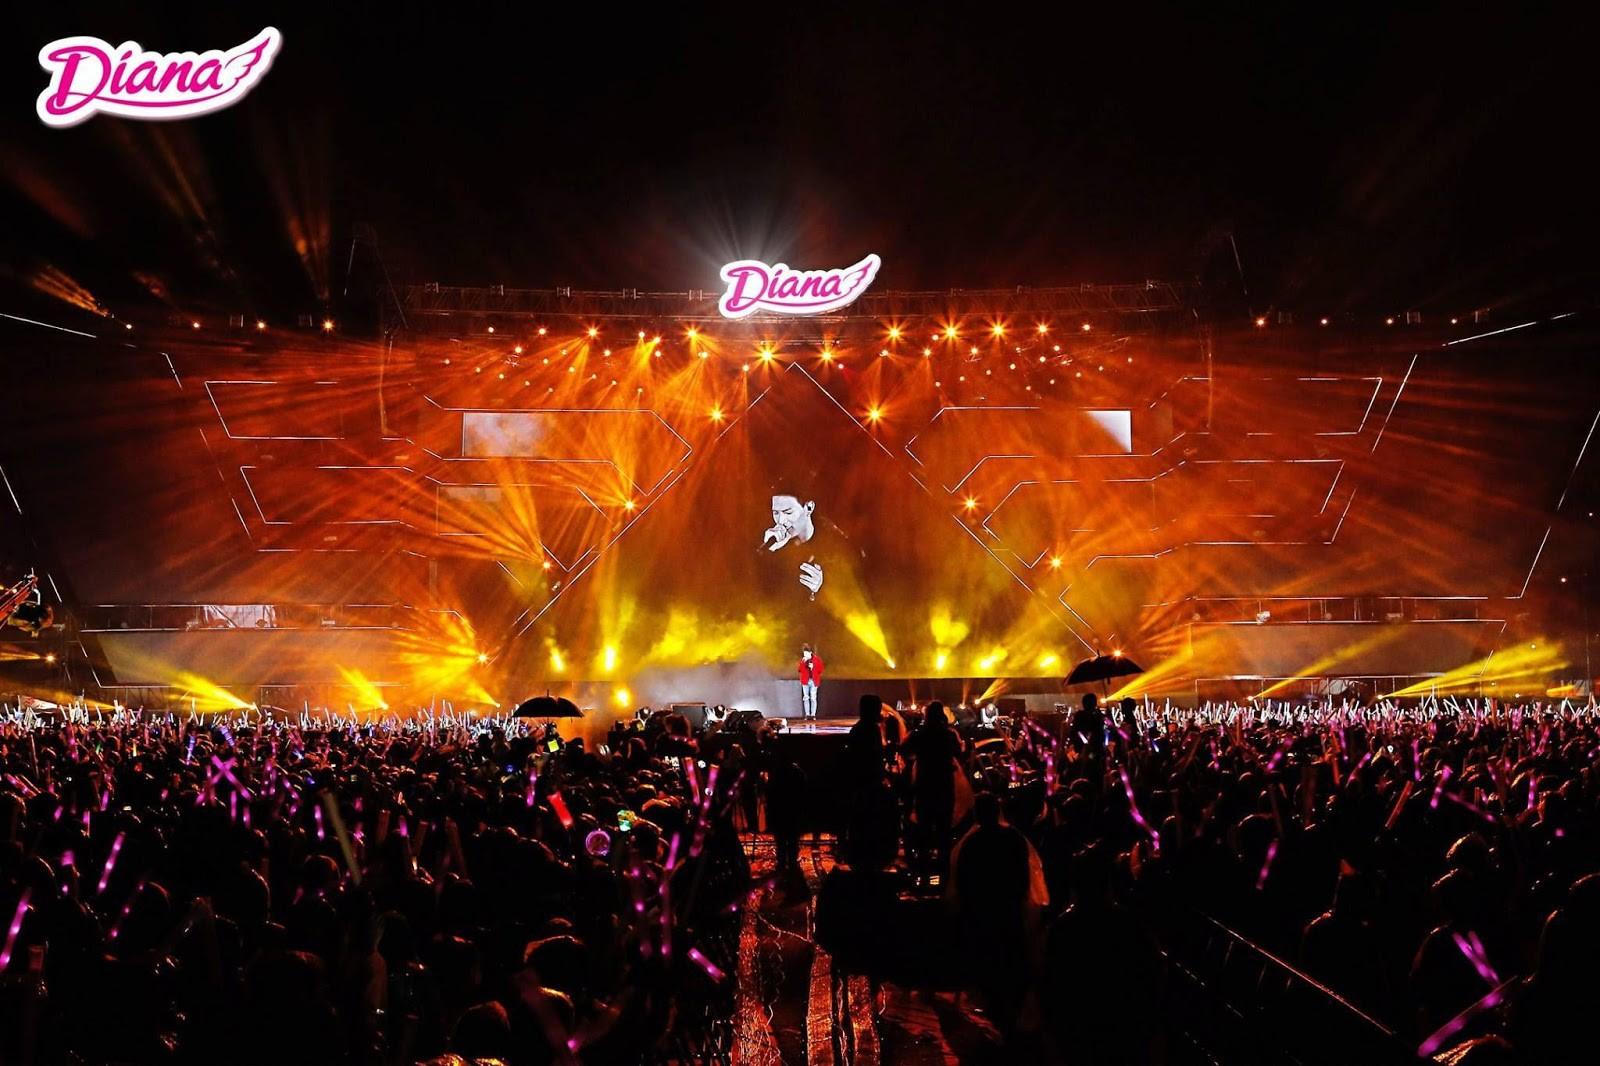 5 cái nhất khiến fans Việt choáng toàn tập với đại nhạc hội của Diana - Ảnh 5.